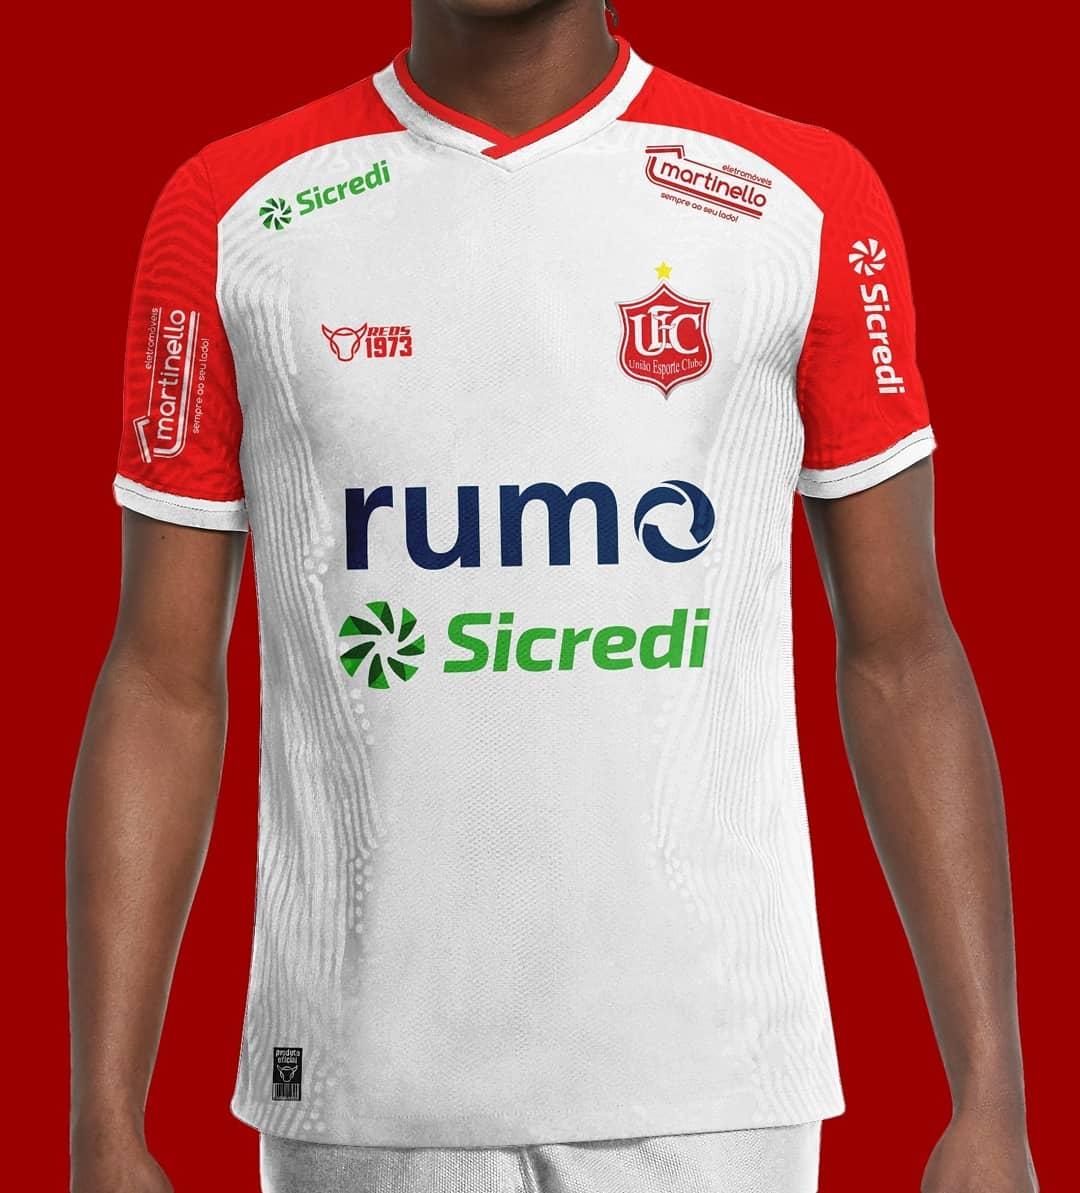 Camisas do União-MT 2021 Reds1973 (6)